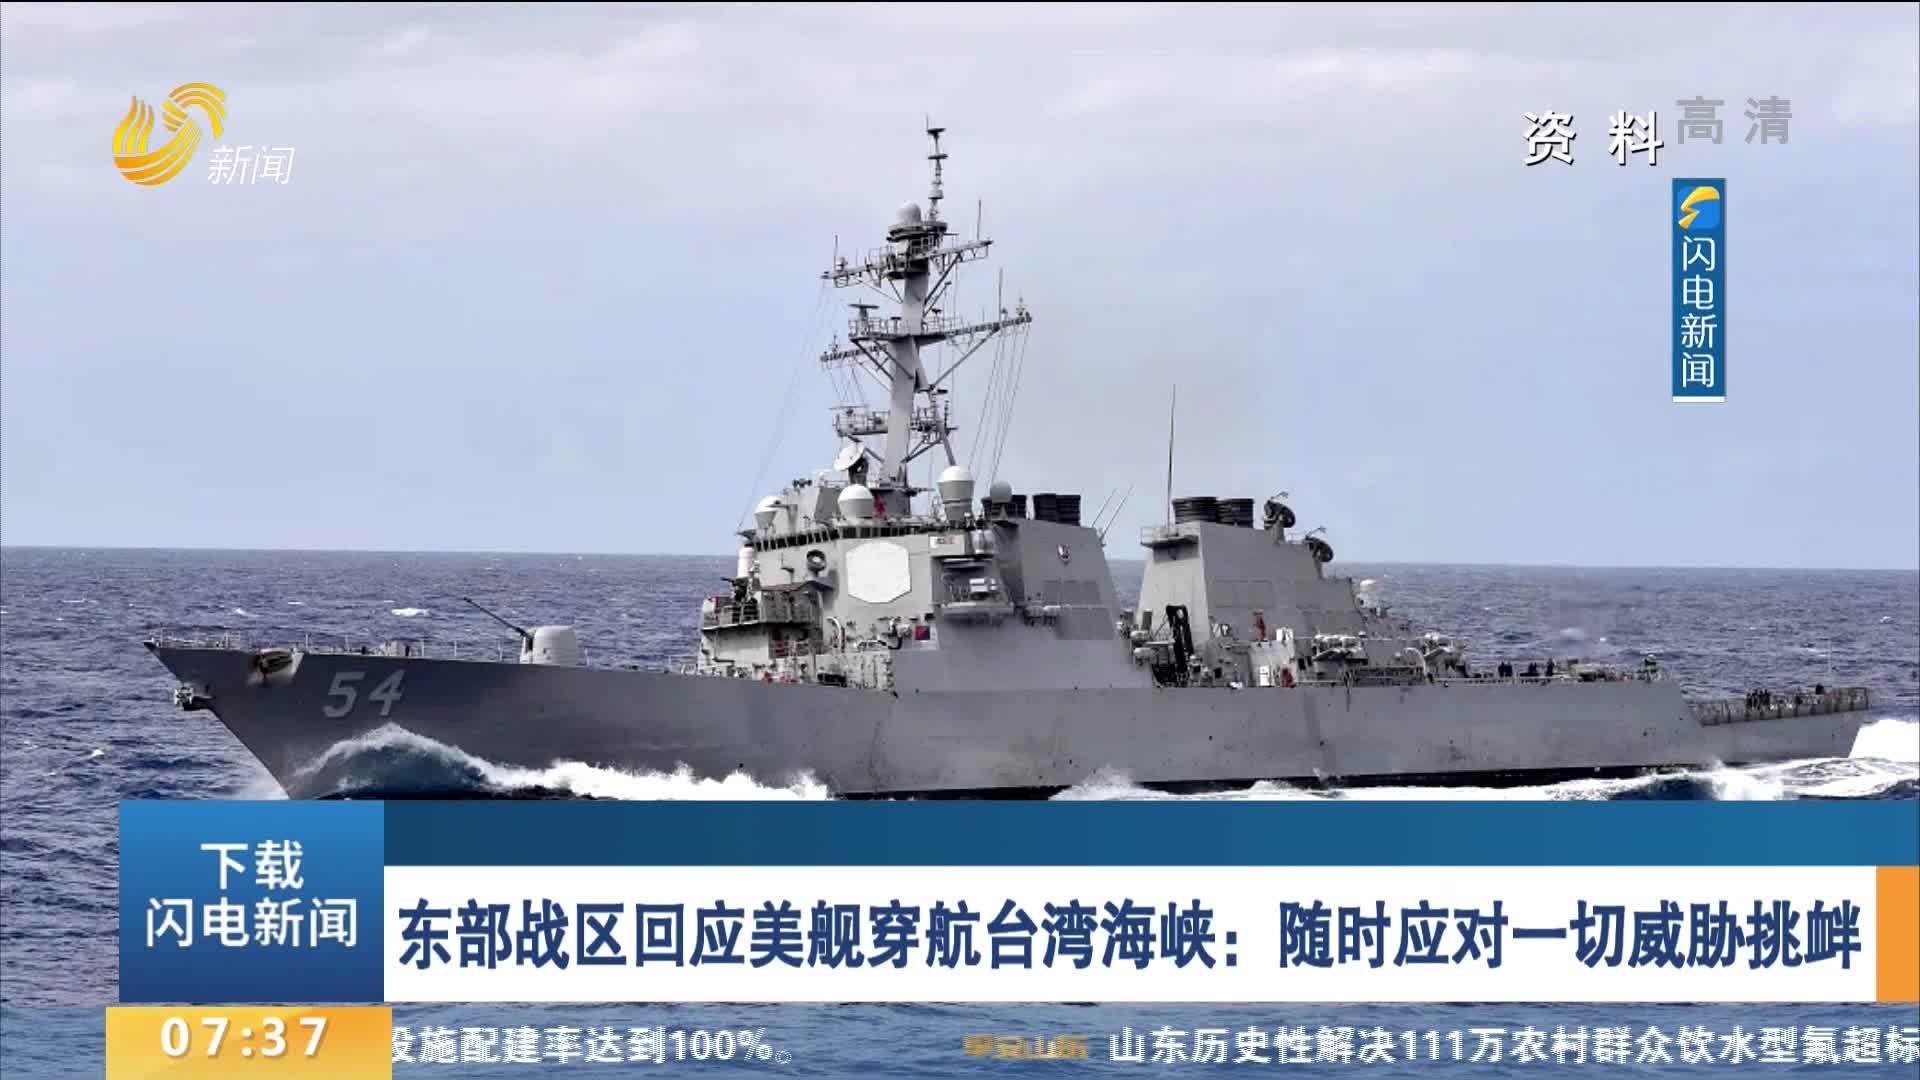 东部战区回应美舰穿航台湾海峡:随时应对一切威胁挑衅